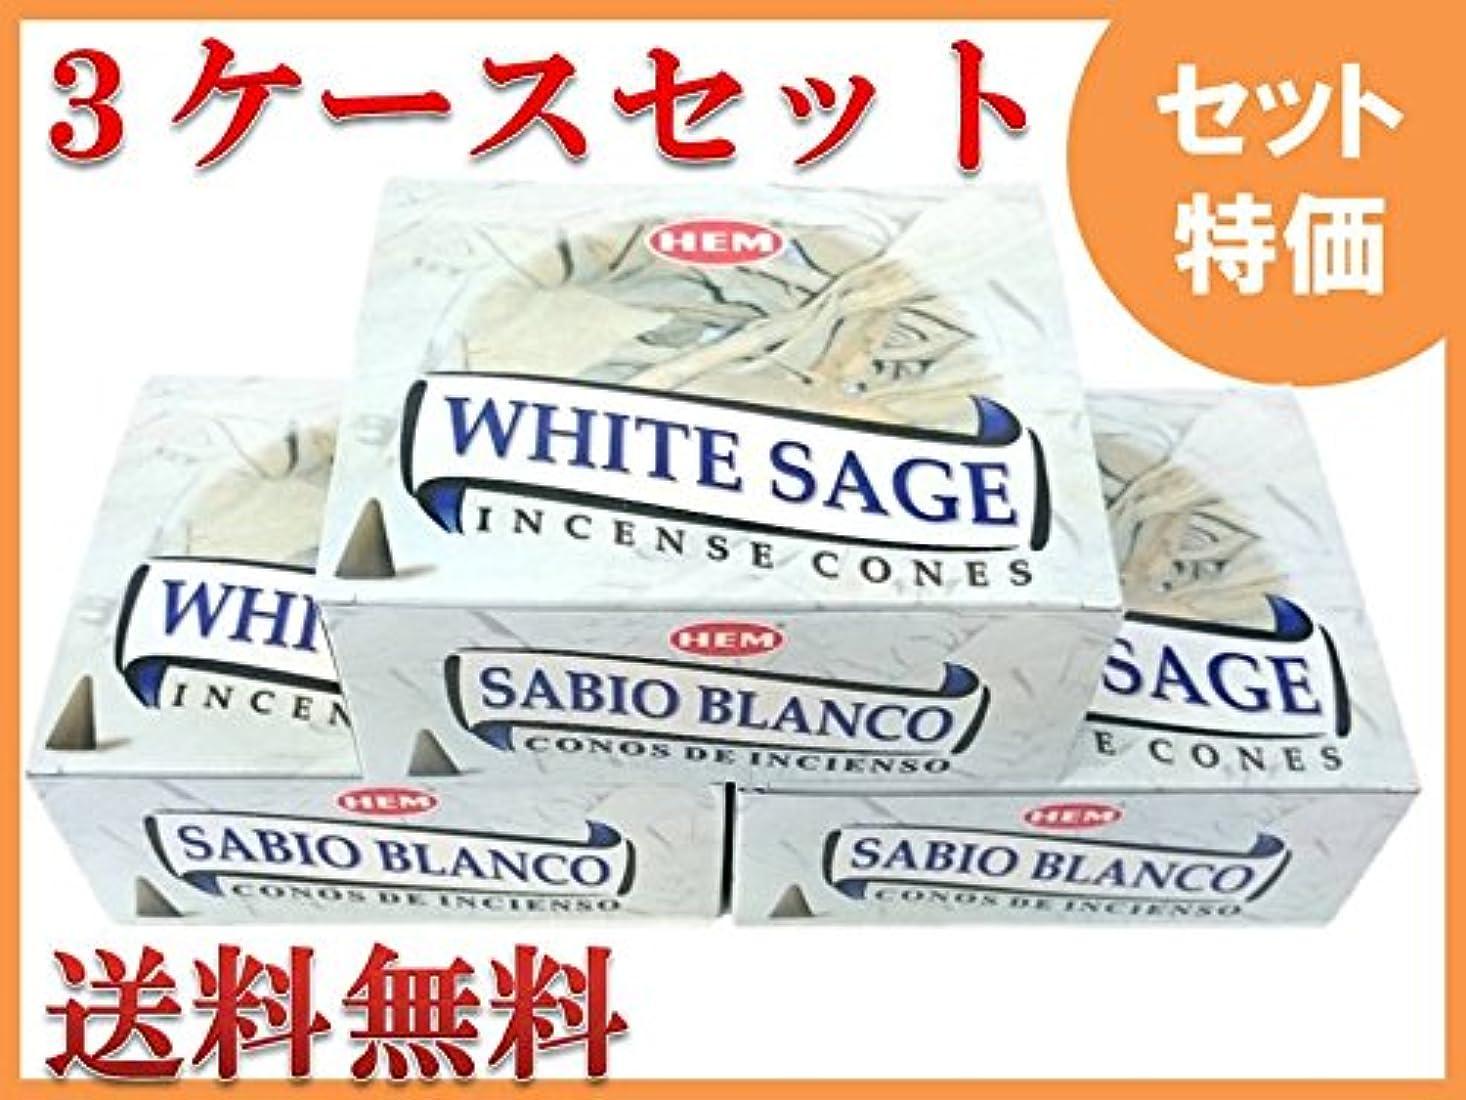 最大限テクトニック読みやすさHEM(ヘム)お香コーン:ホワイトセージ 3ケース(36箱)セット/お香コーン/HEMホワイトセージコーン